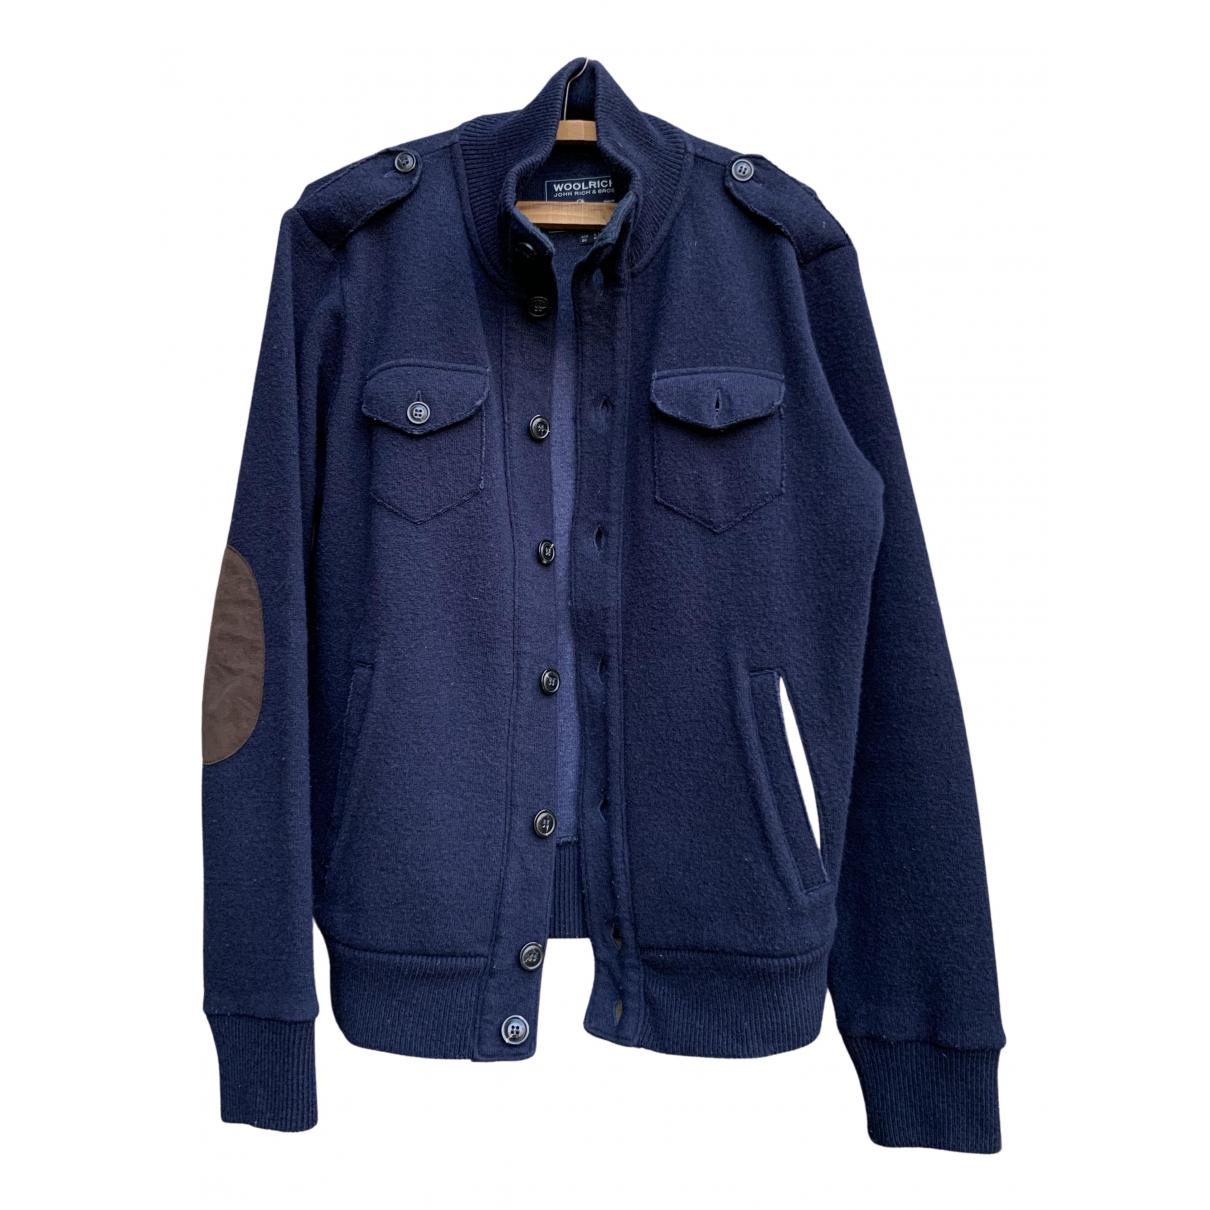 Woolrich - Vestes.Blousons   pour homme en laine - bleu